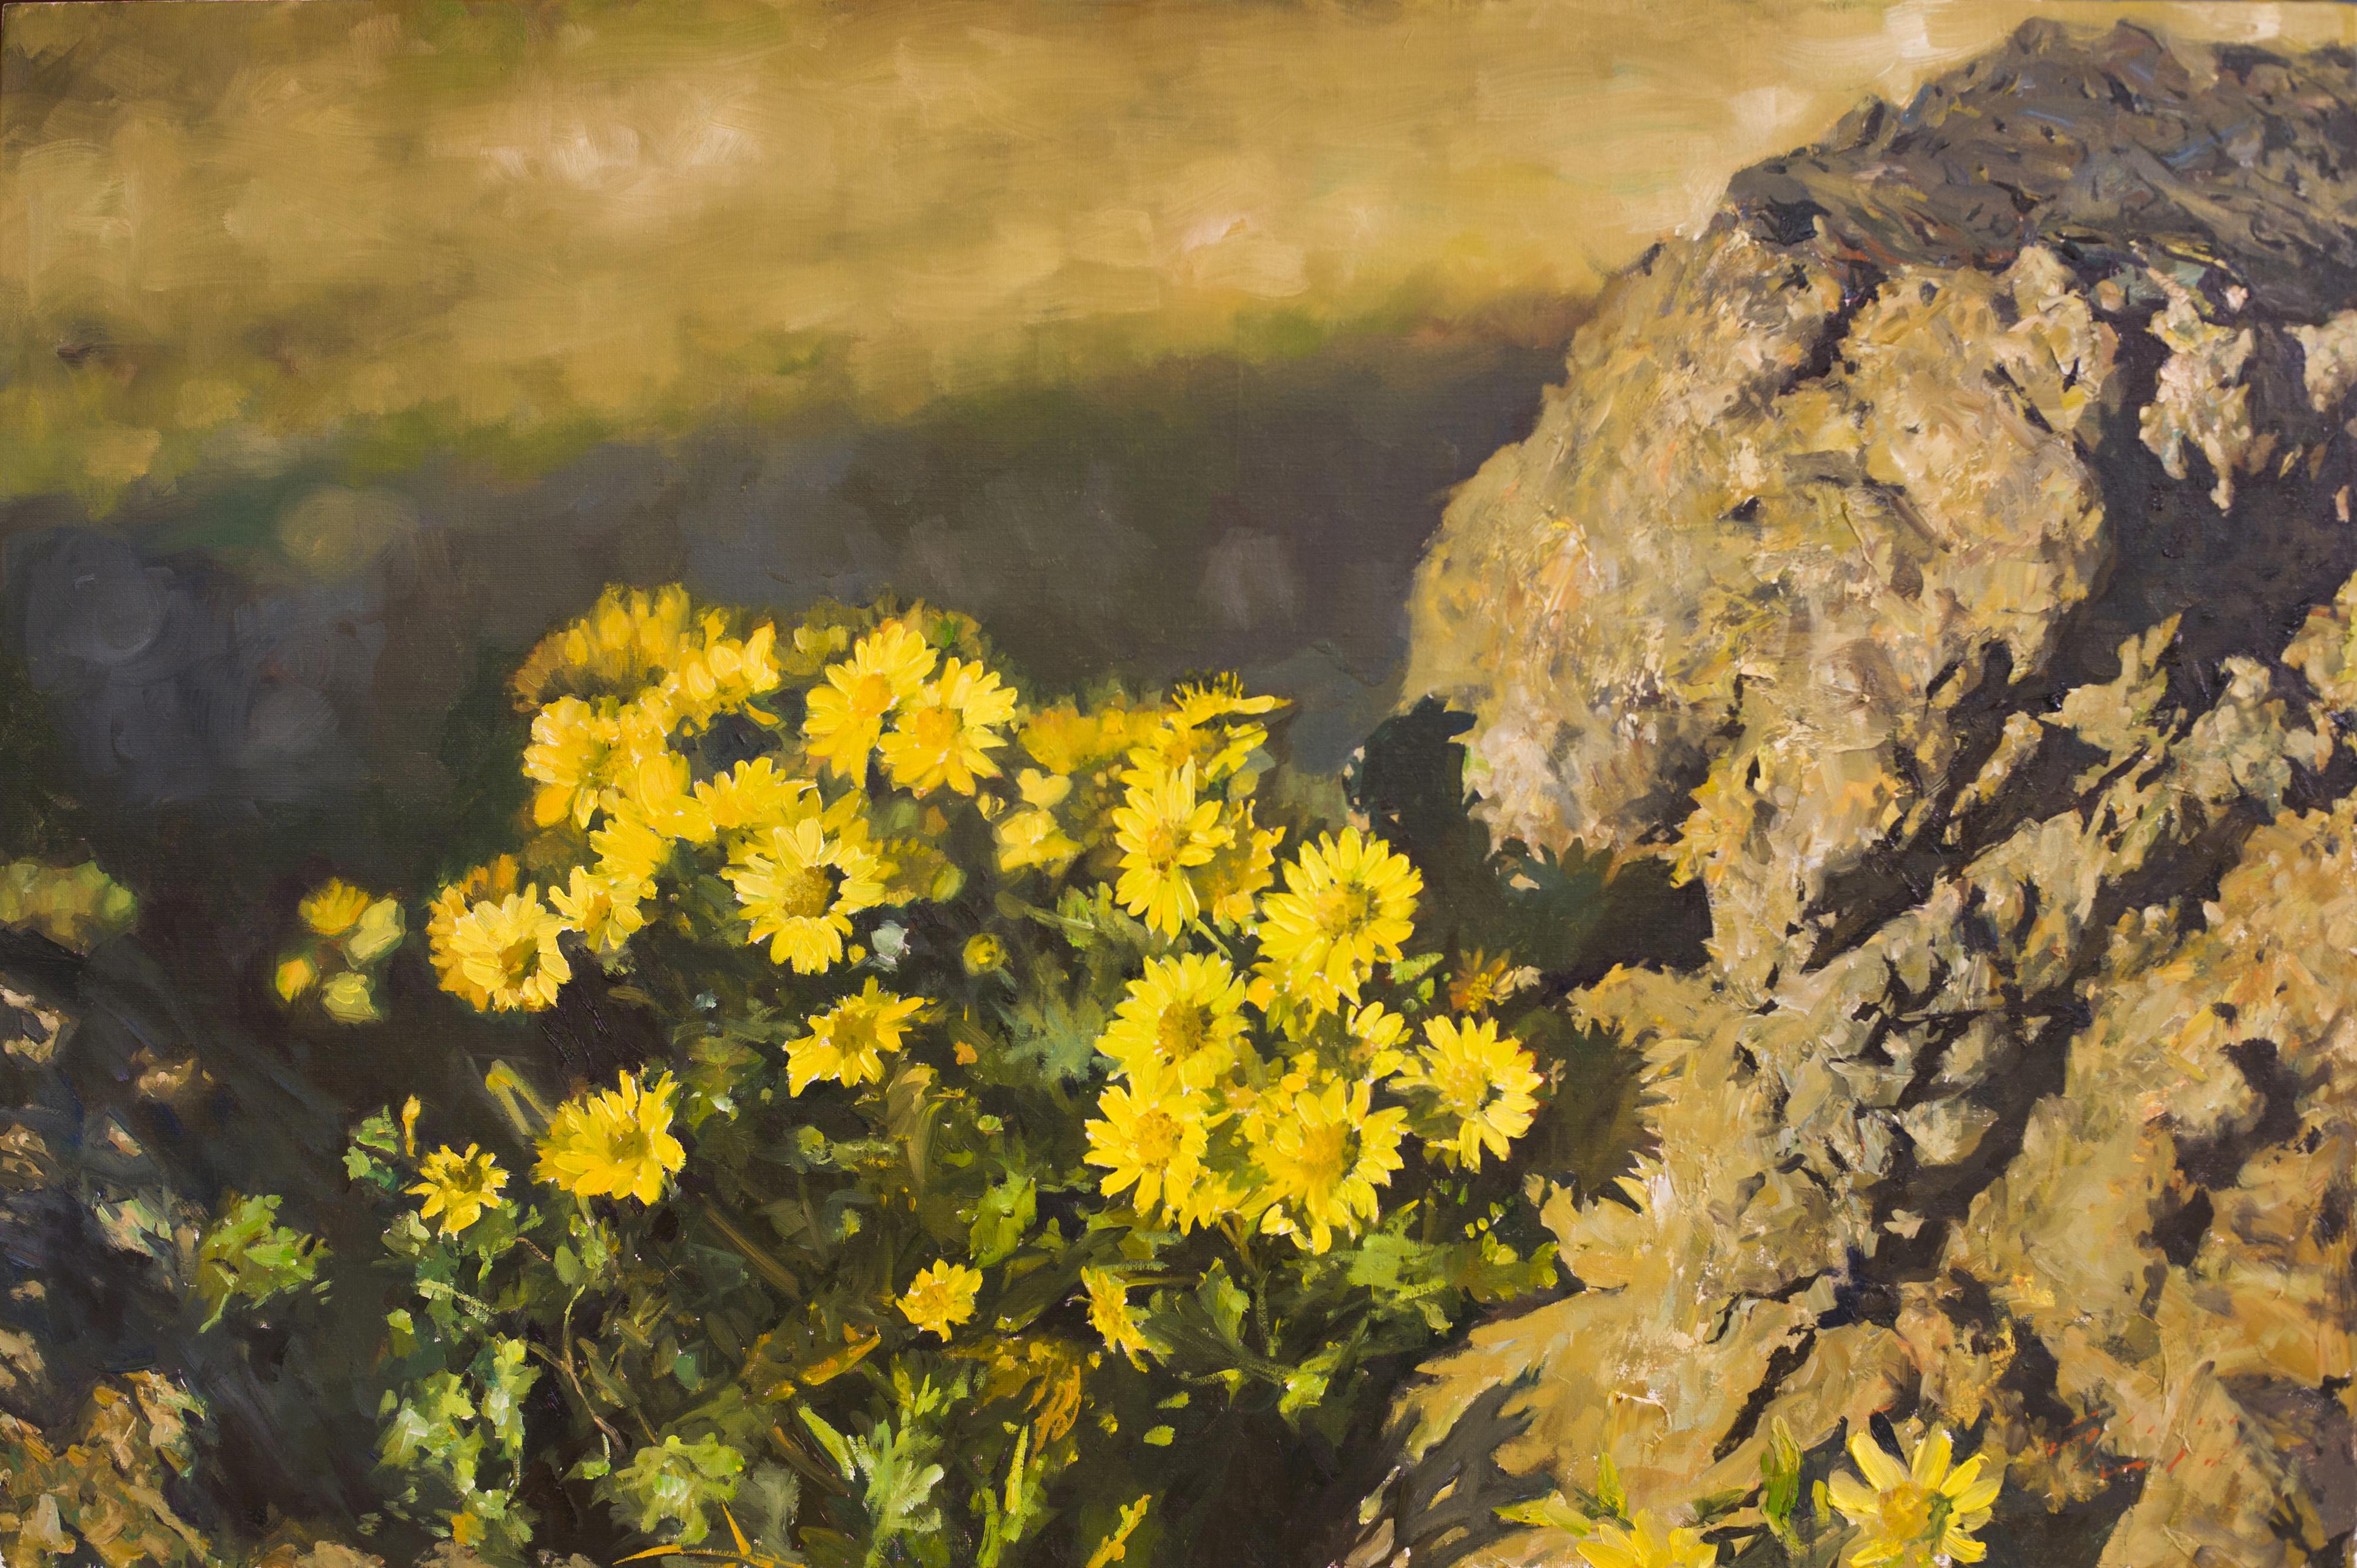 제주인상 90 9x60 6 Oil on canvas 2014